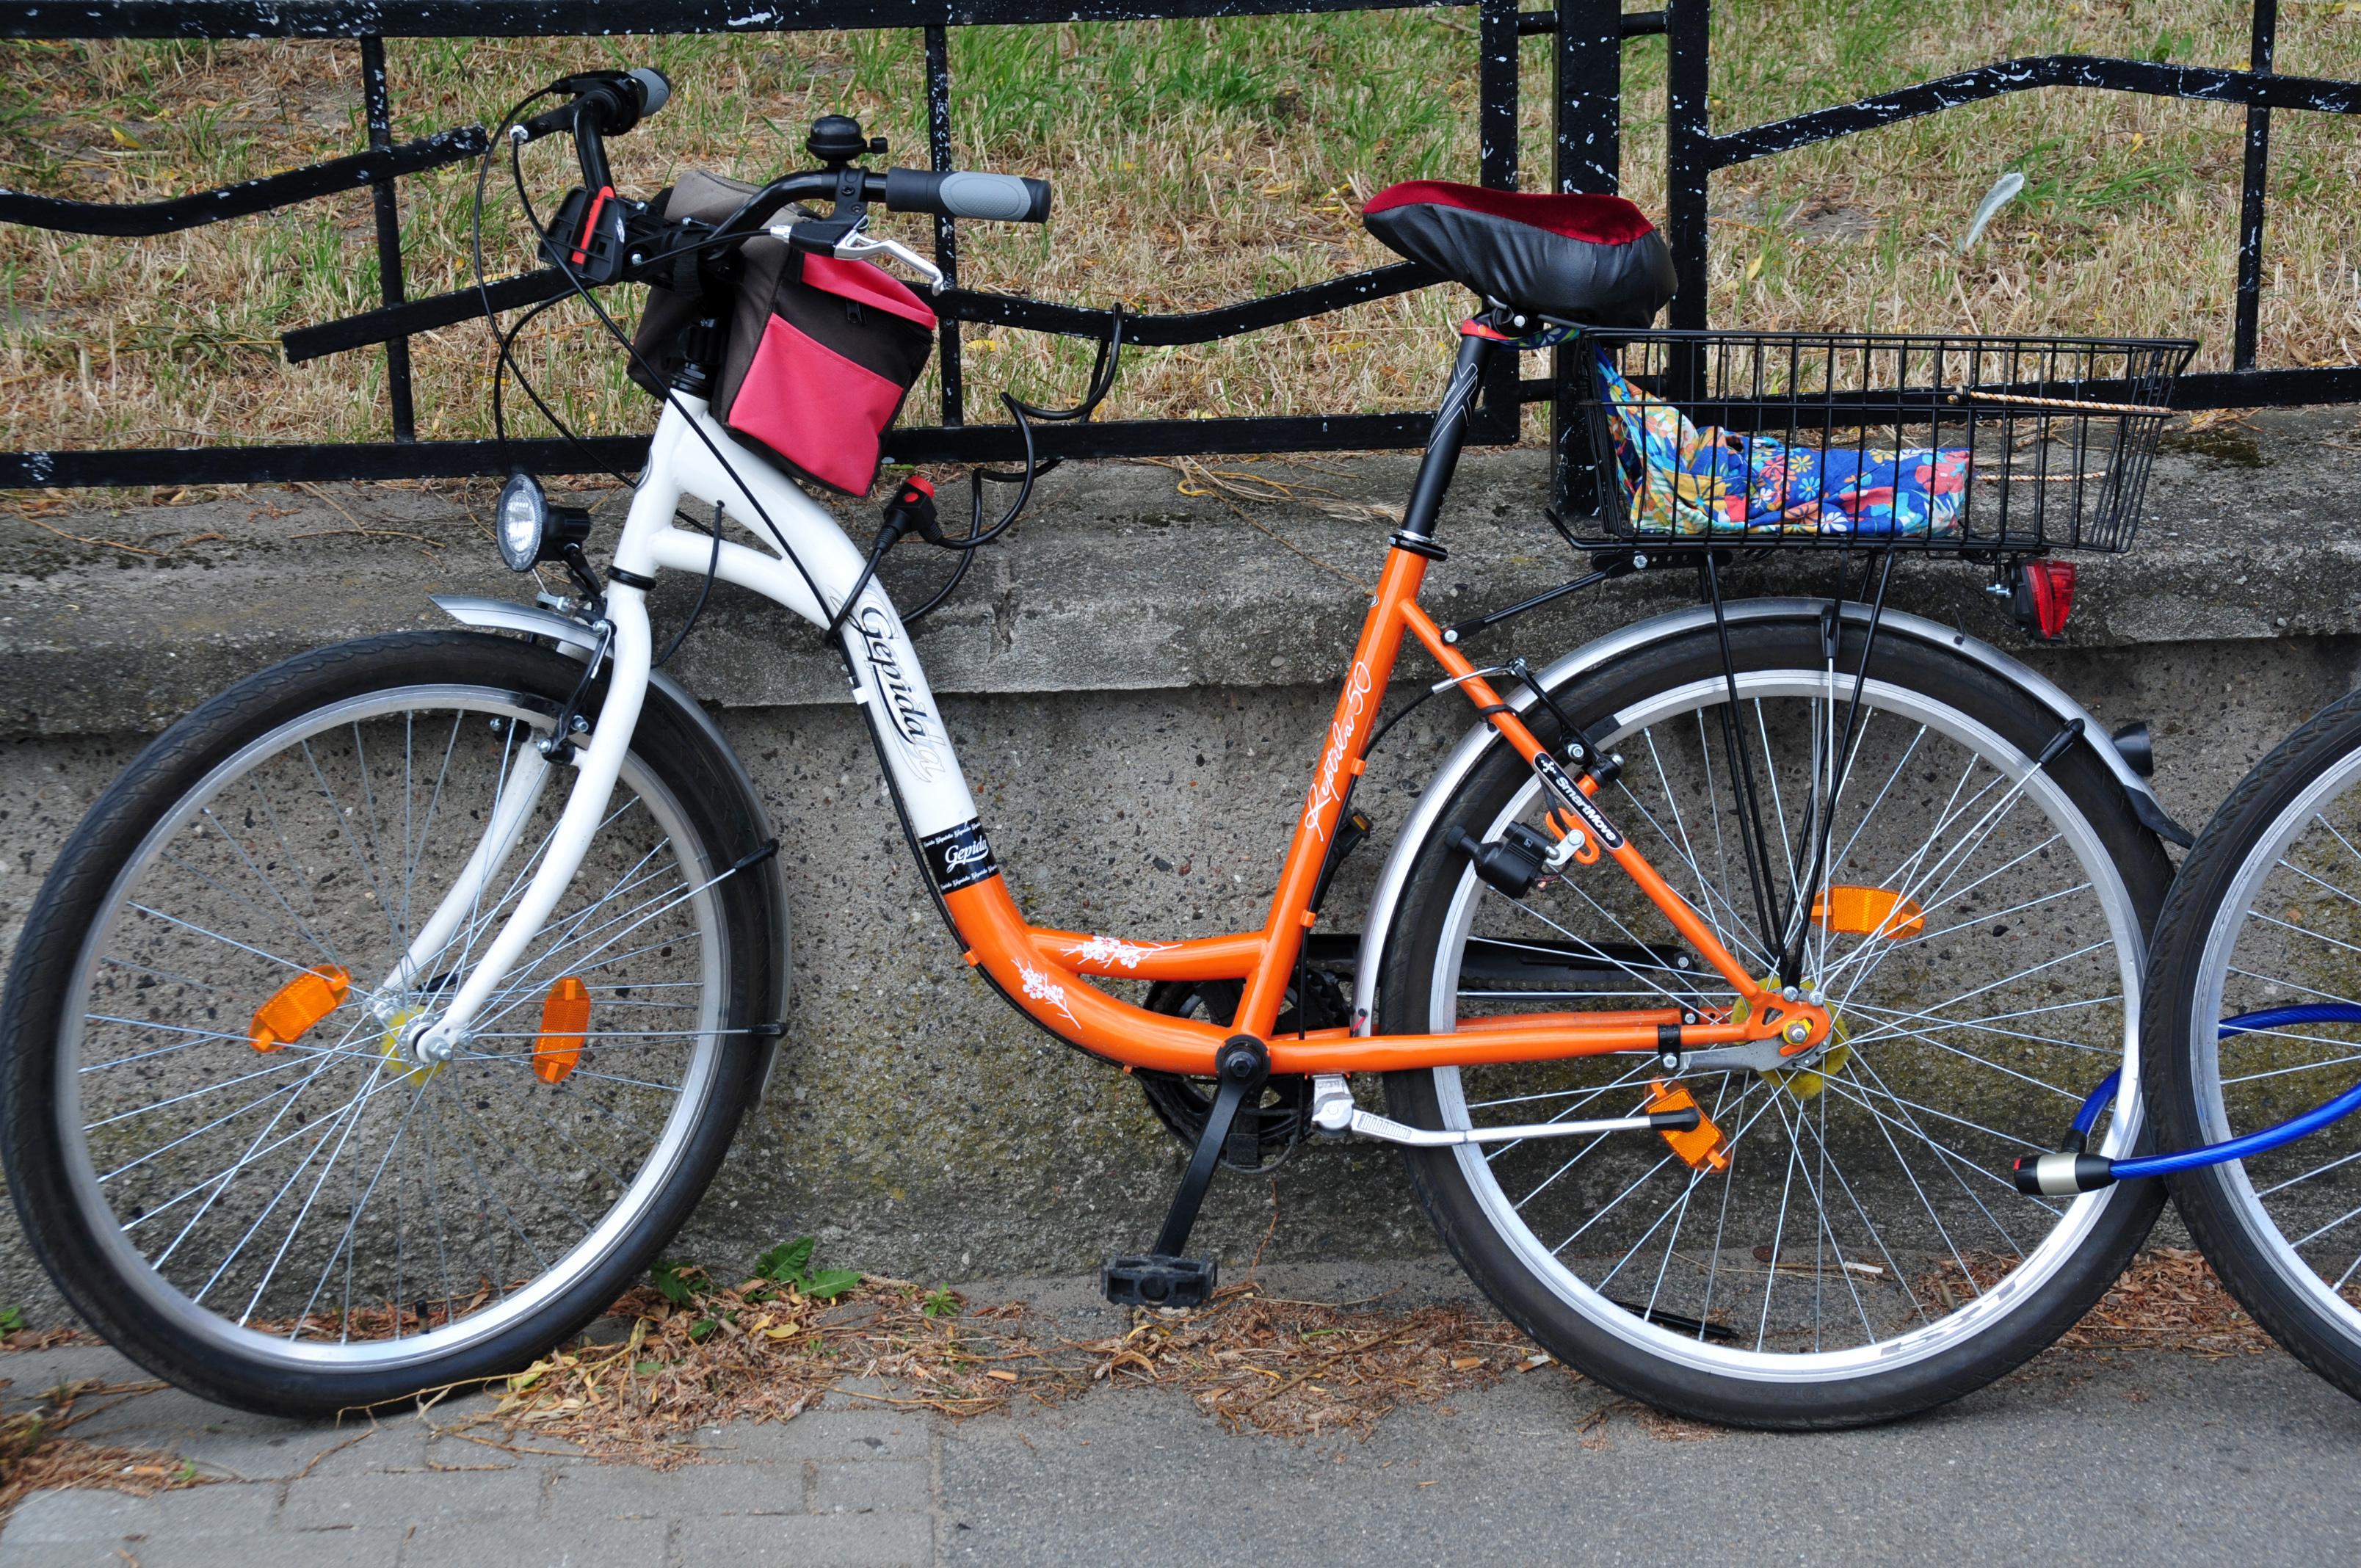 12-06-09-fahrrad-by-ralfr-17.jpg